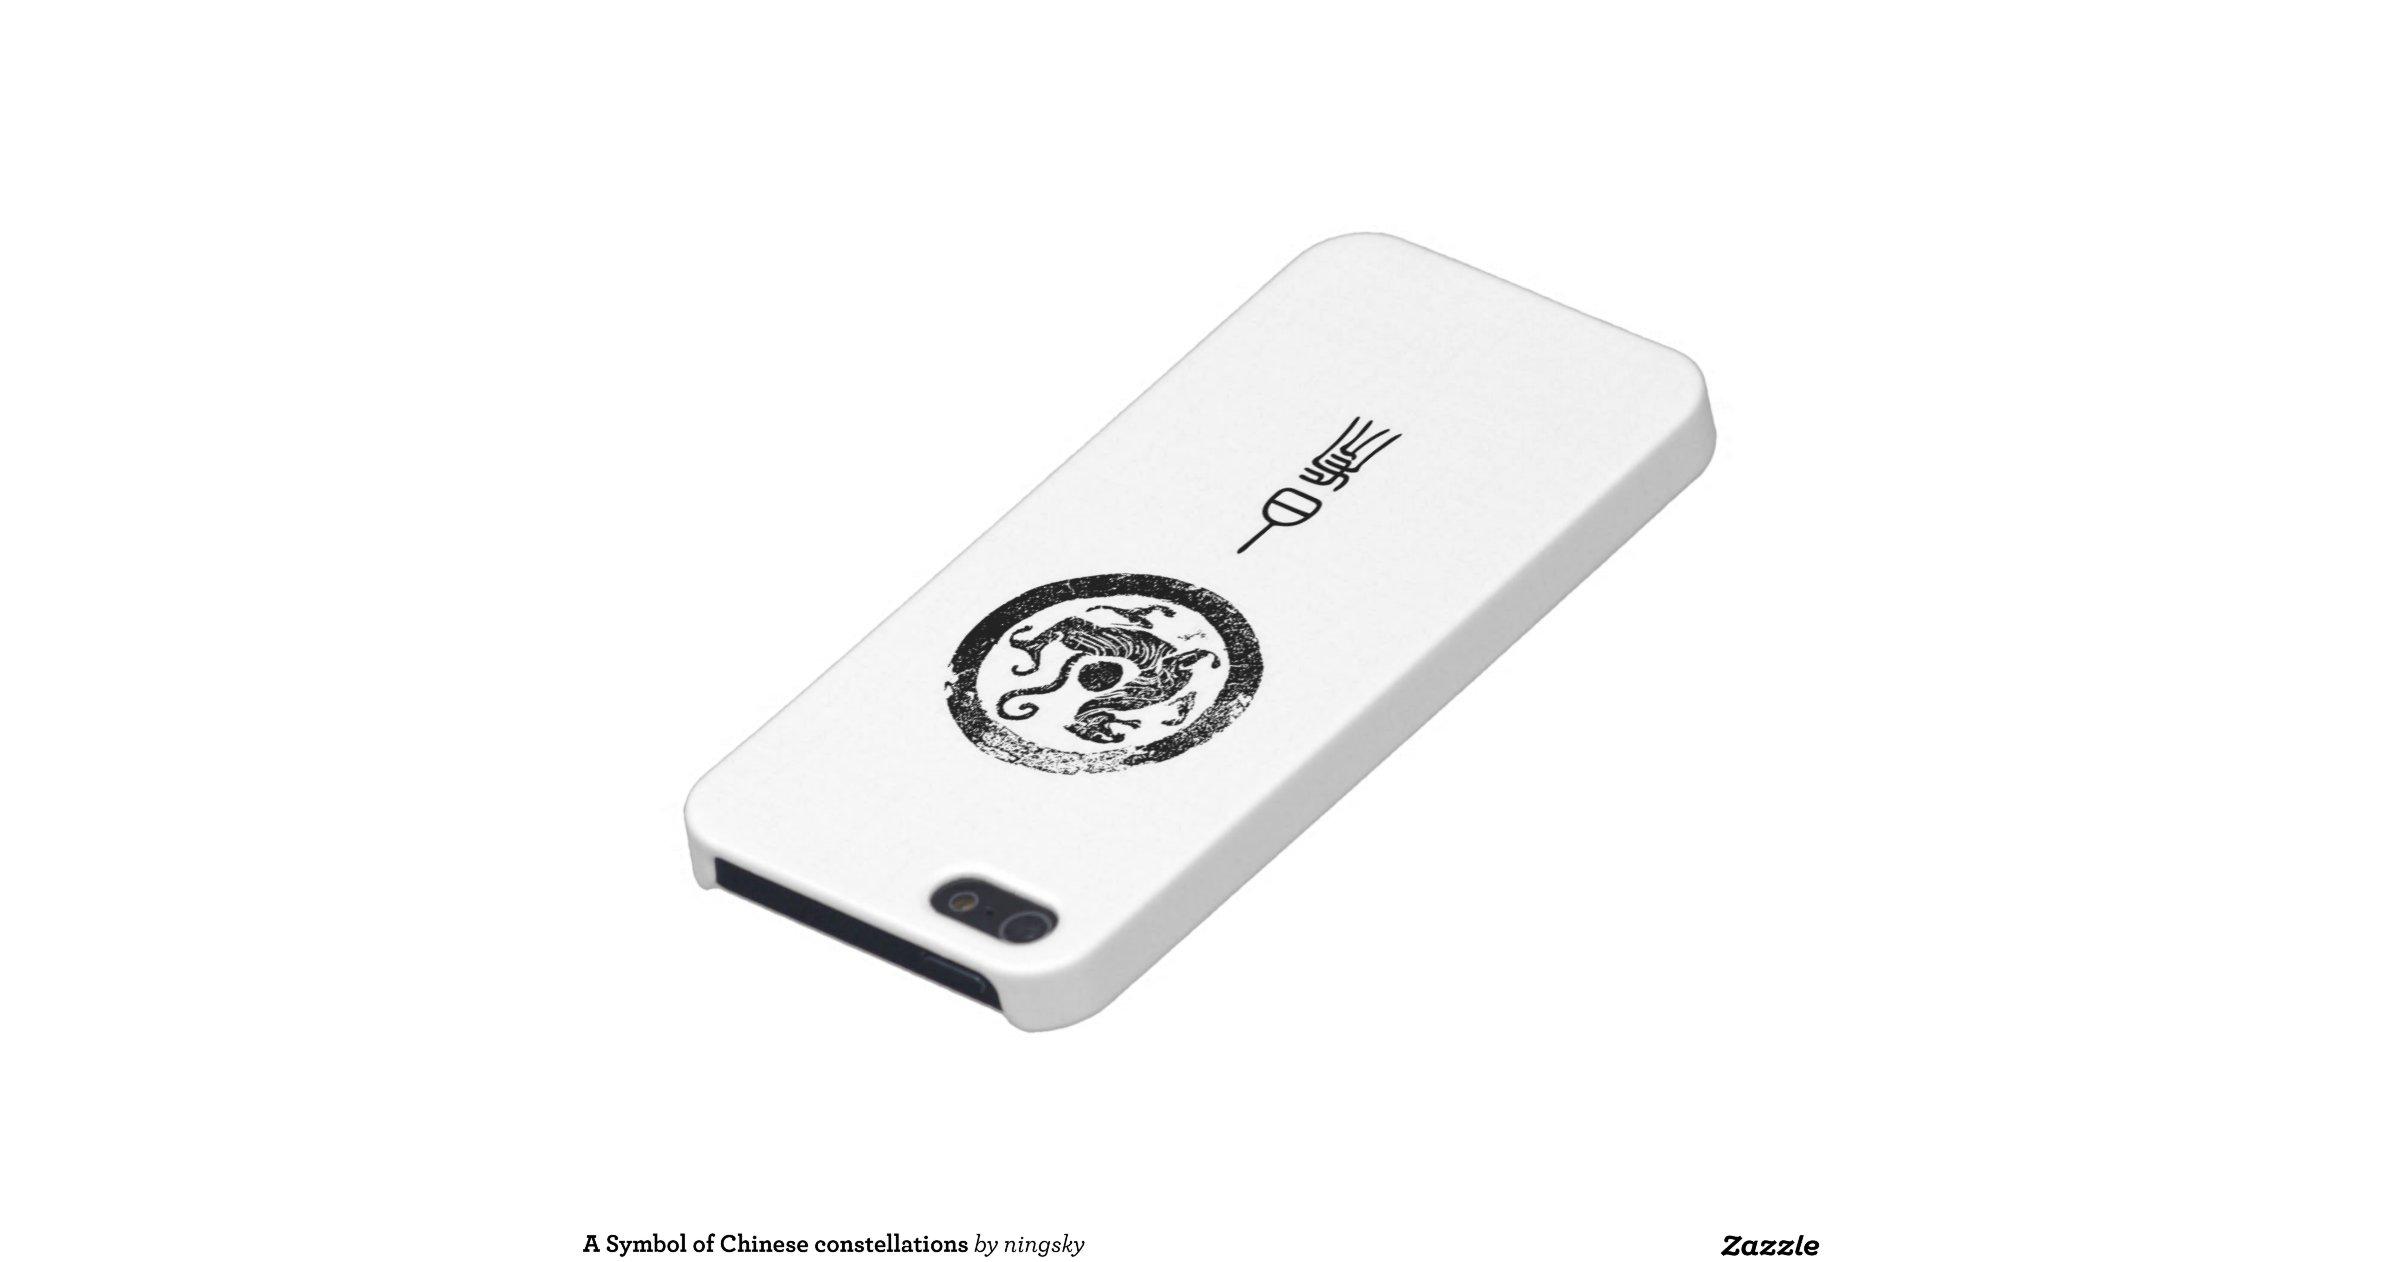 Un symbole des constellations chinoises étuis iPhone 5